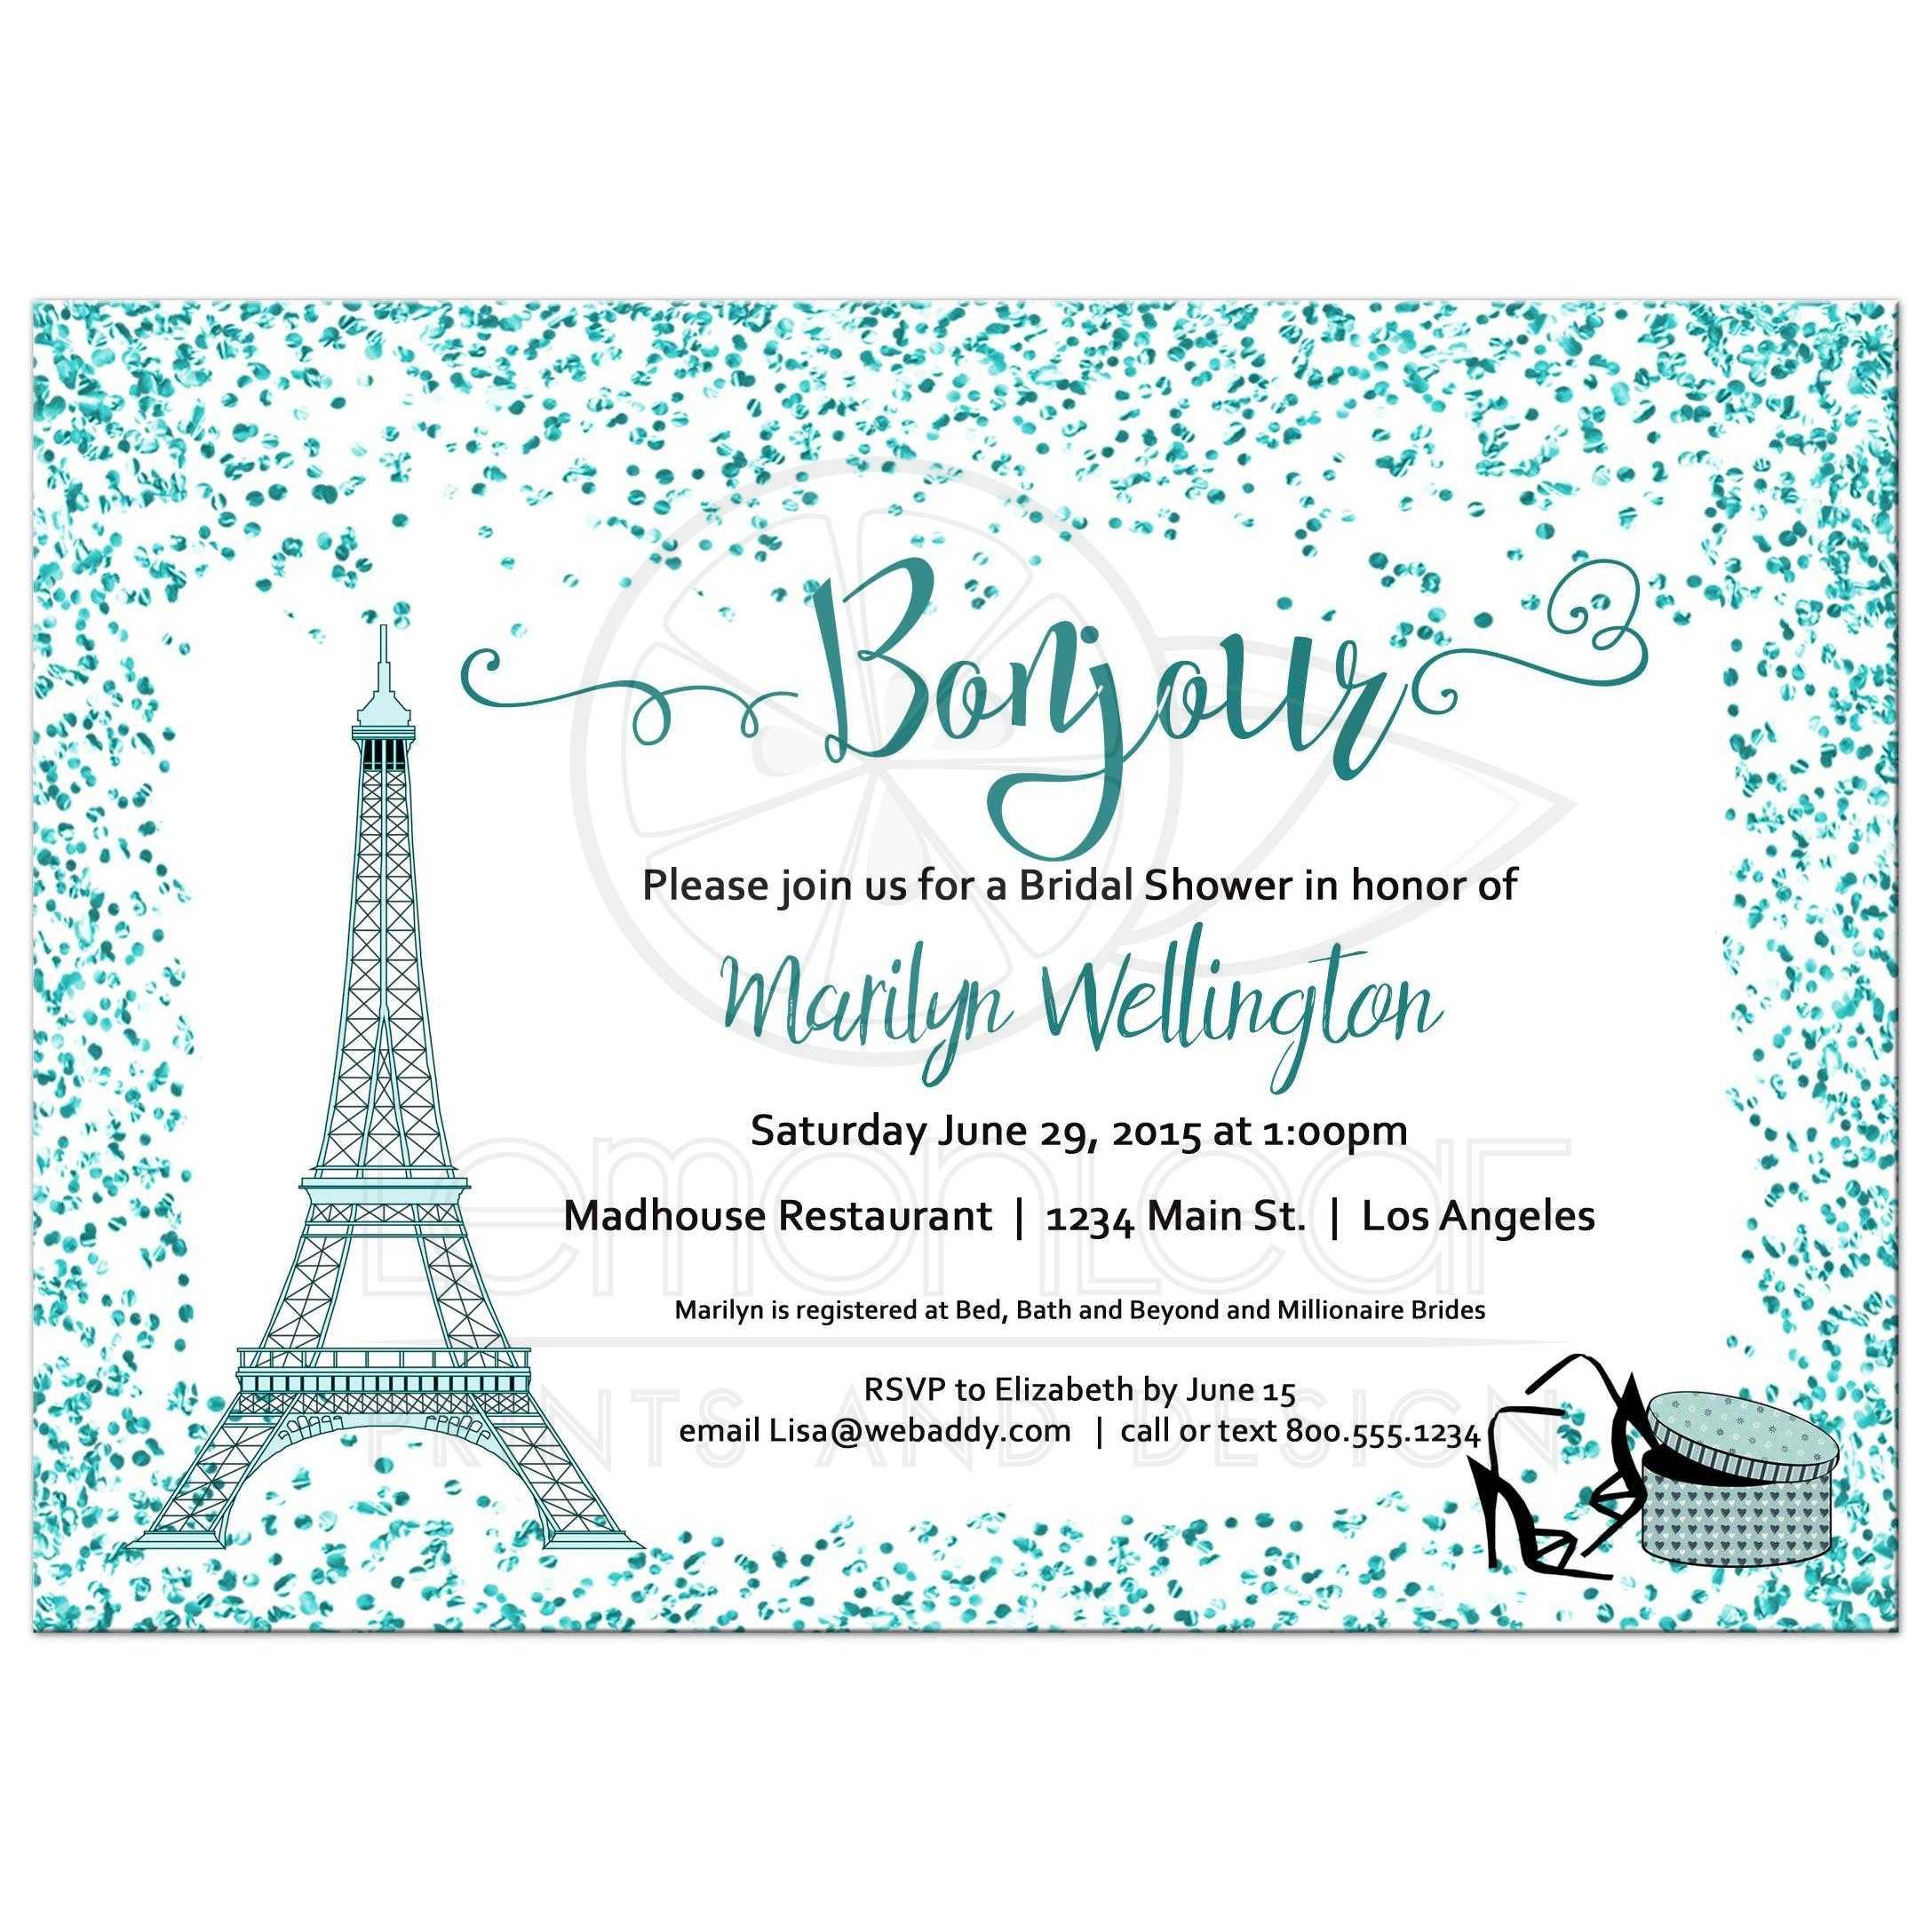 Teal Bonjour Bridal Shower Invitation